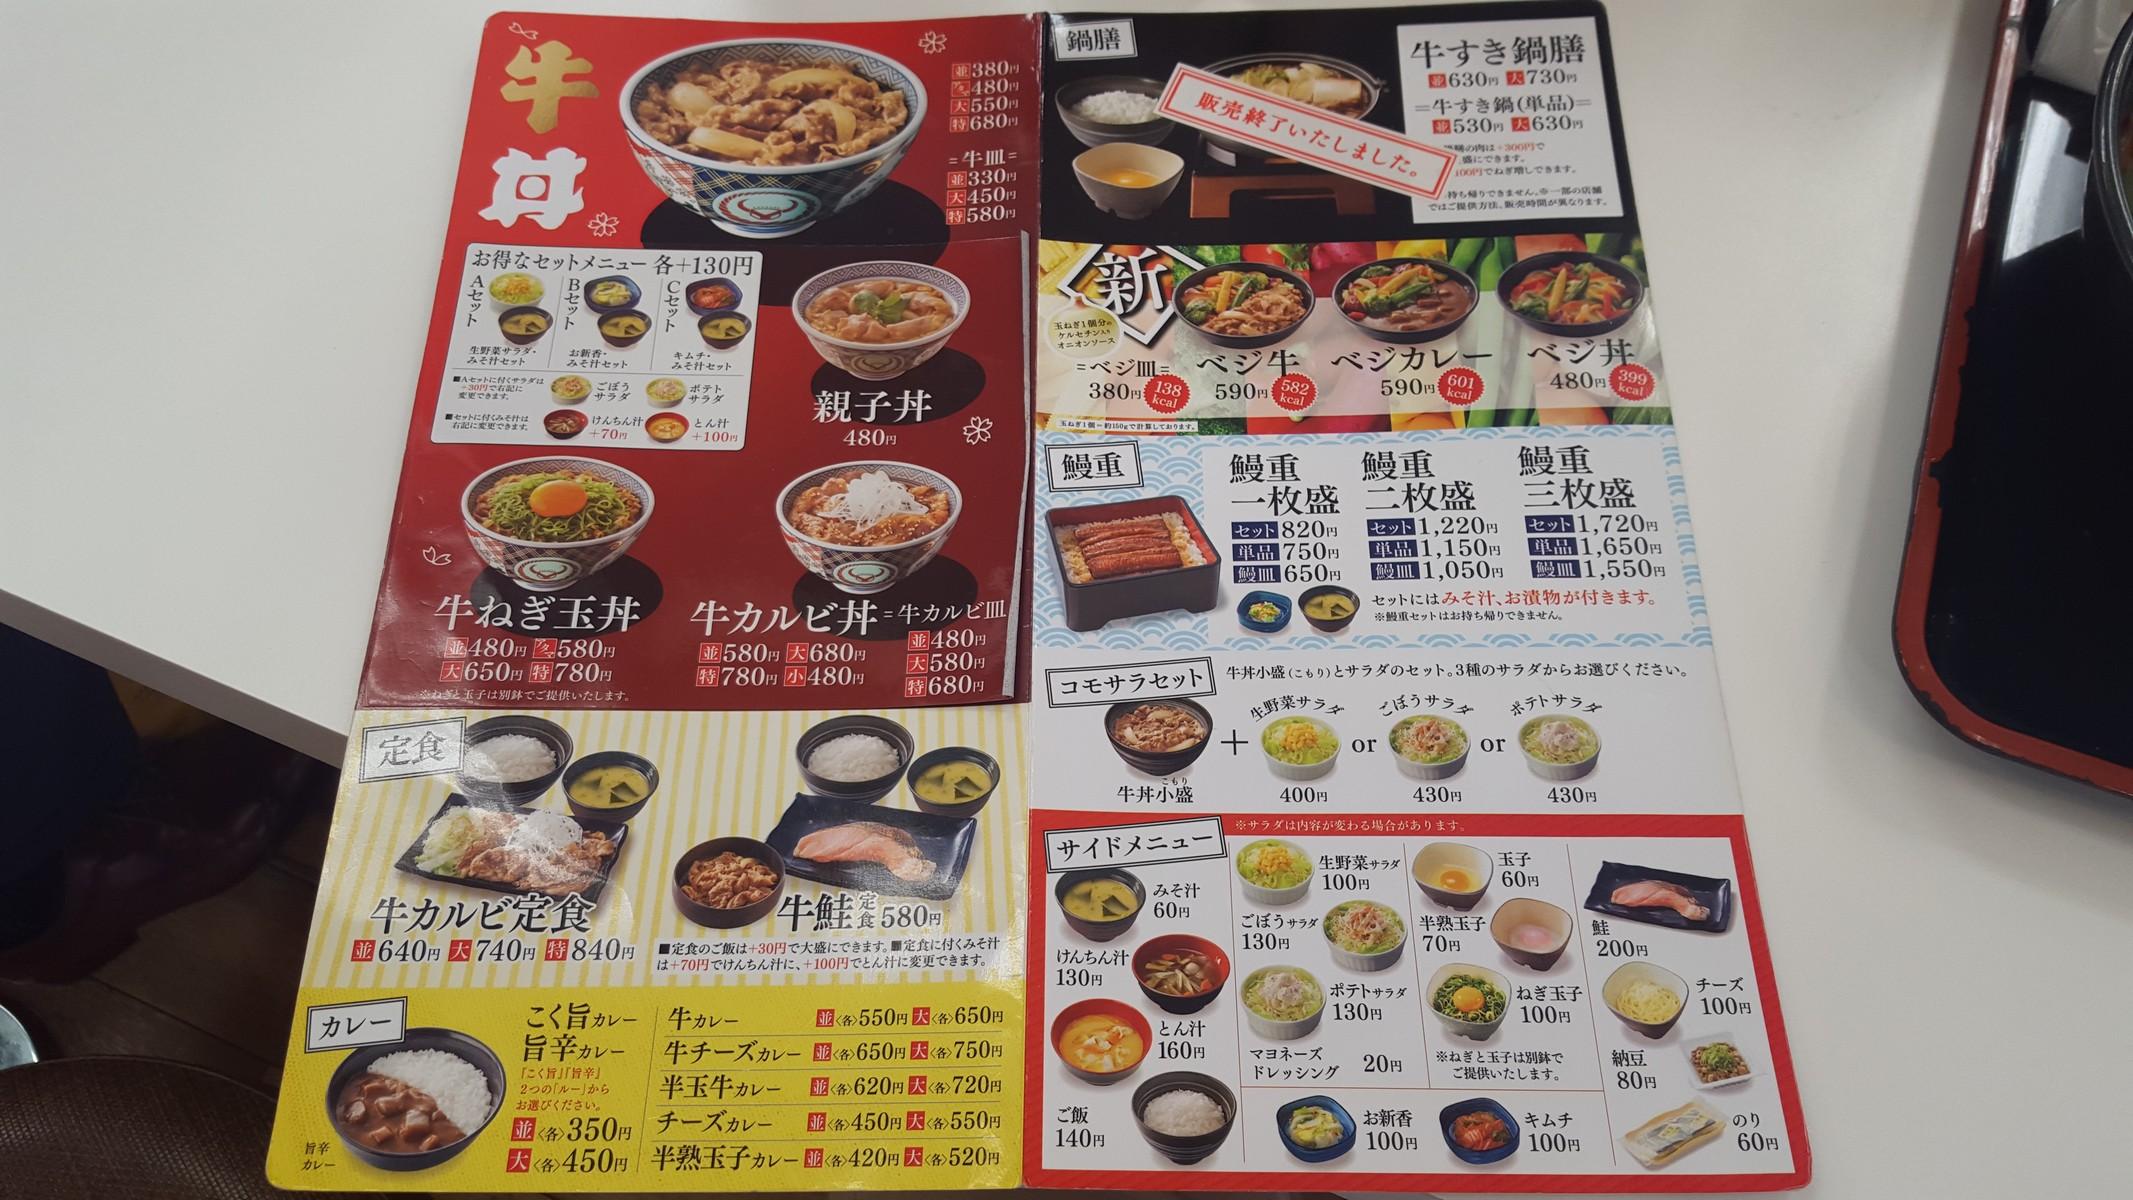 メニュー【吉野家 JR神田駅店/神田】